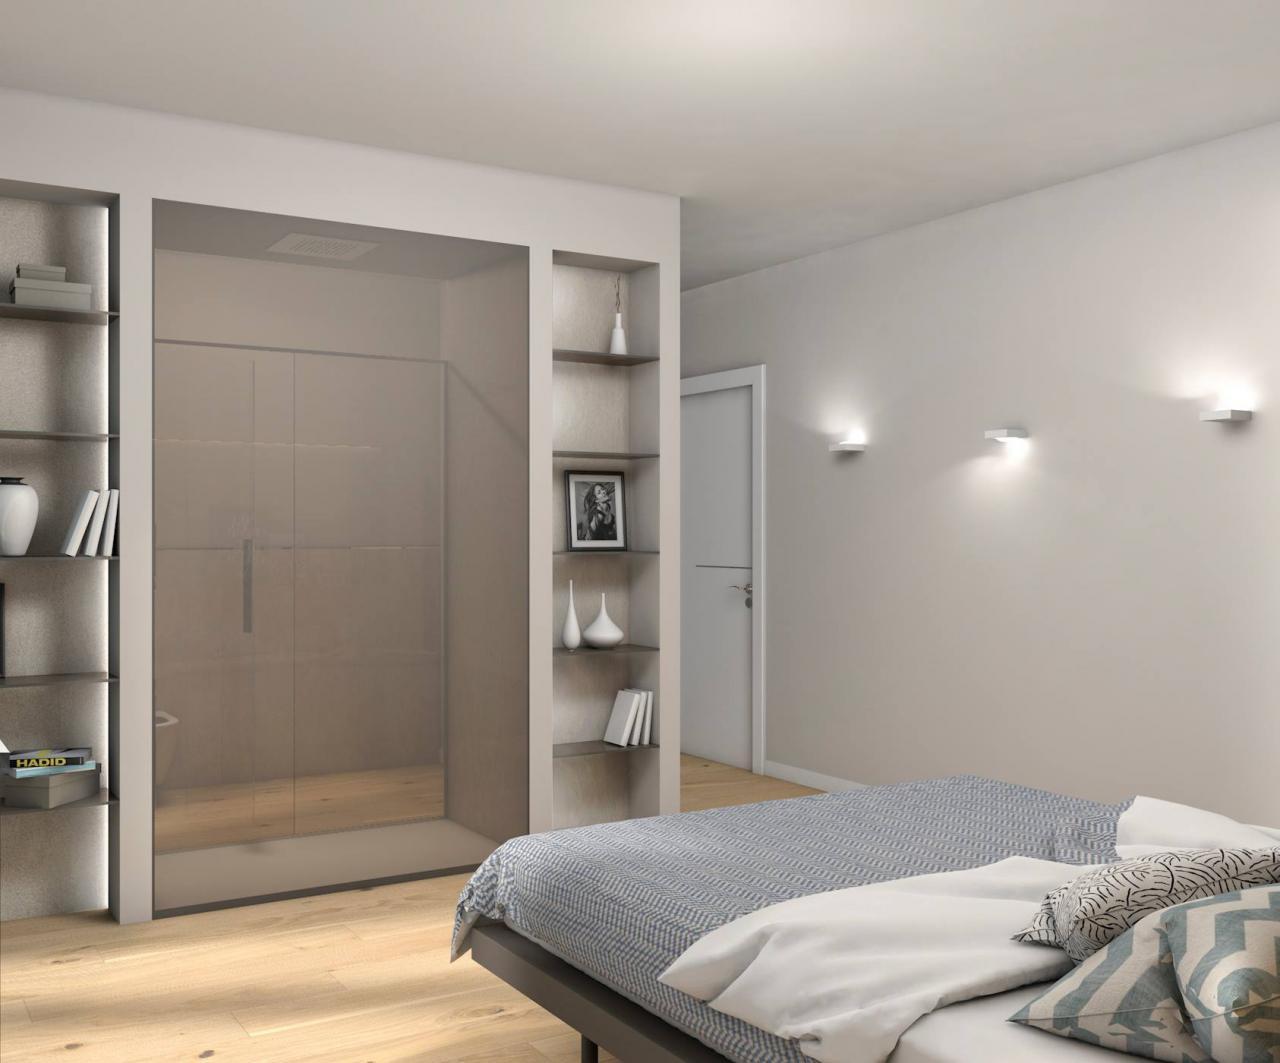 Illuminare la camera da letto | Fratelli Pellizzari